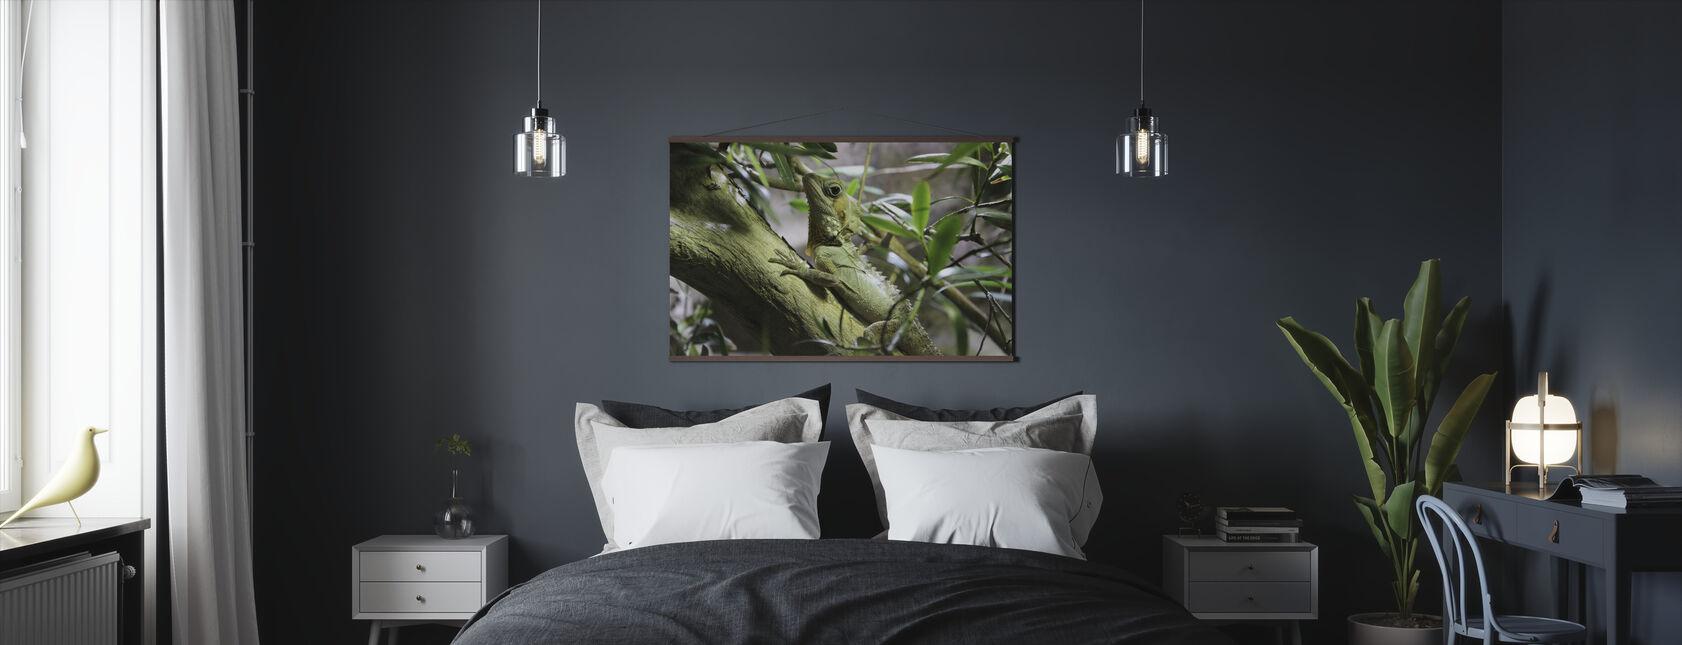 Ödla på gren - Poster - Sovrum